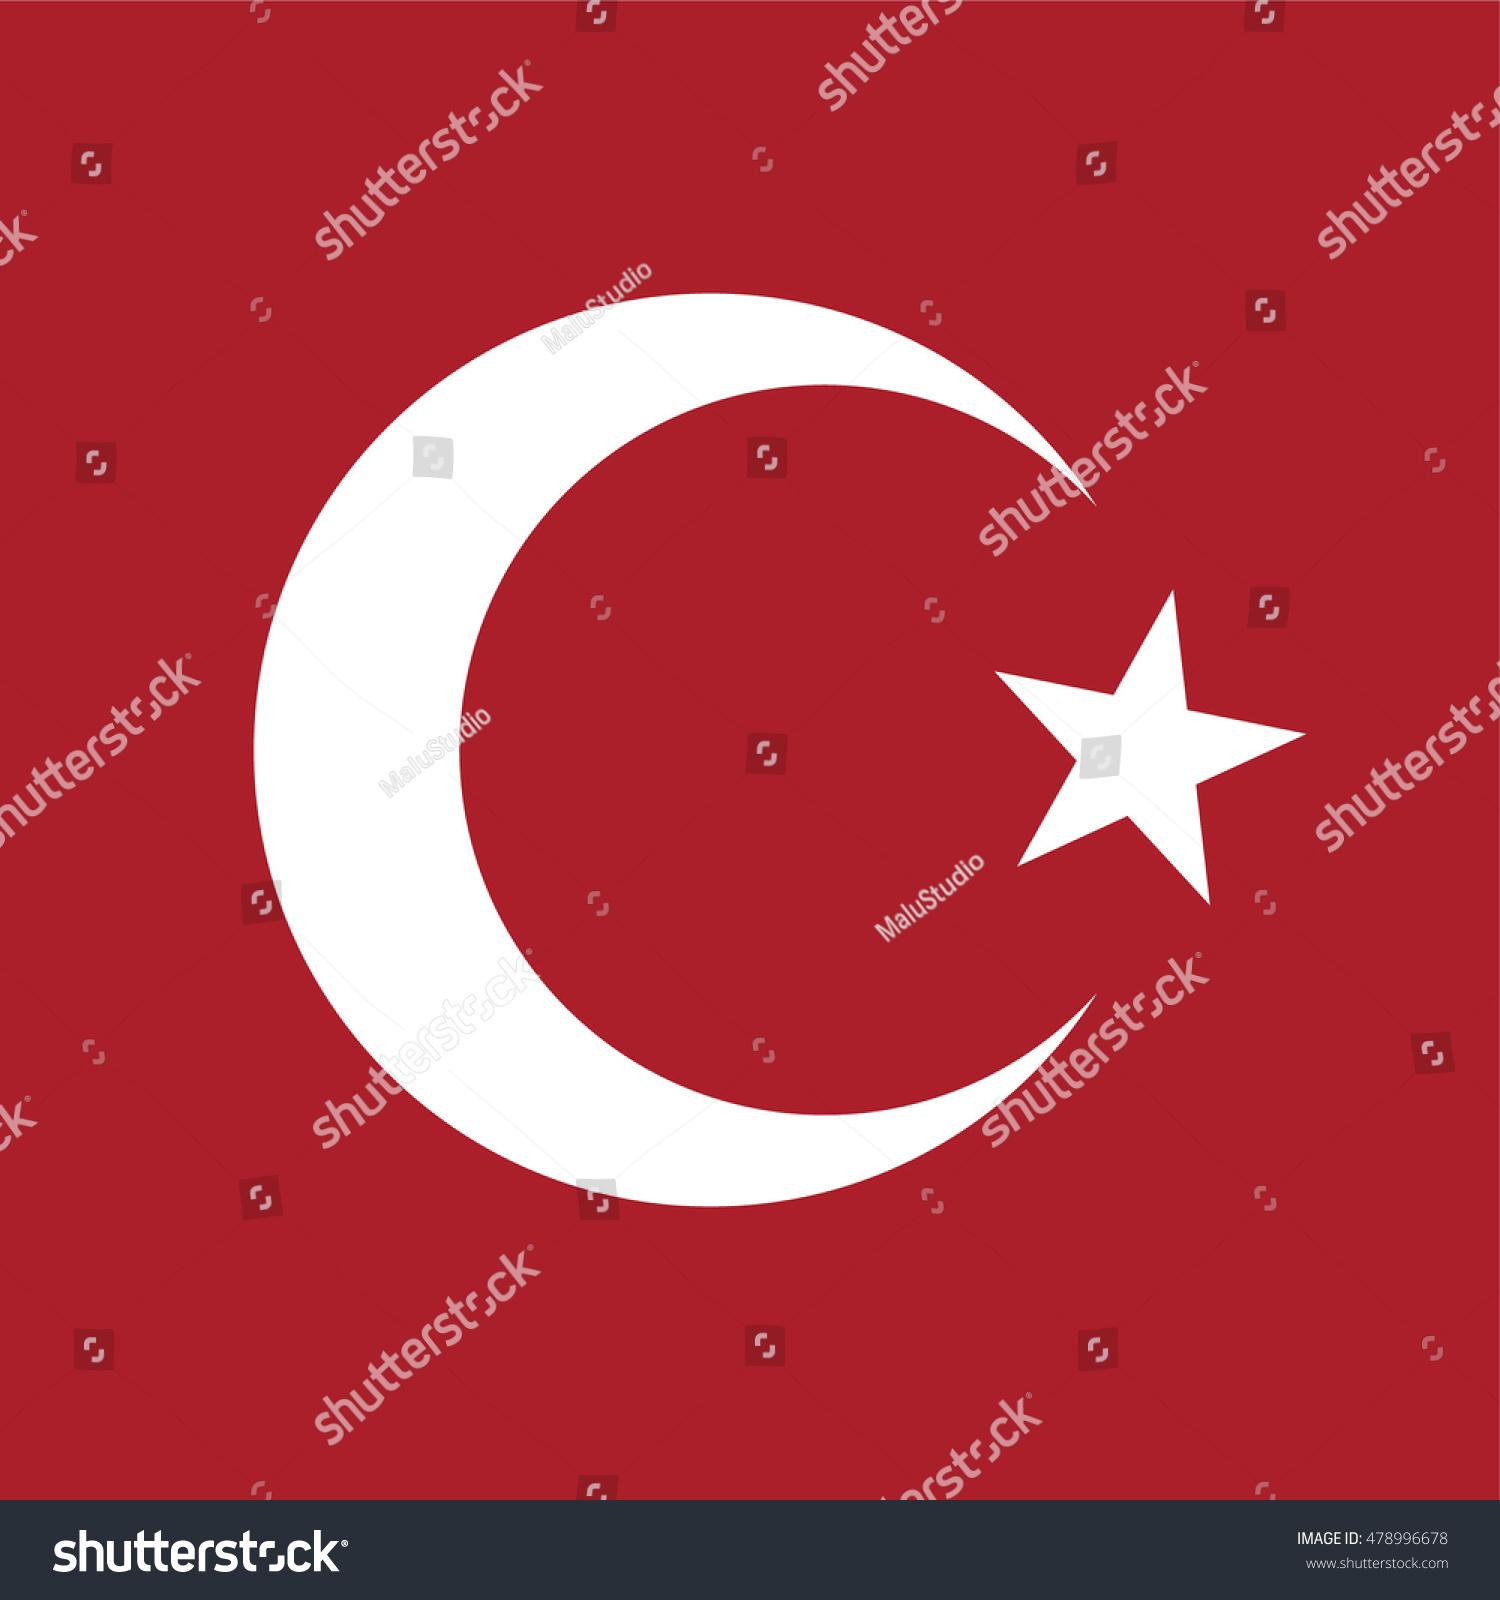 Islam Symbol Vector Illustration Stock Vector 478996678 Shutterstock